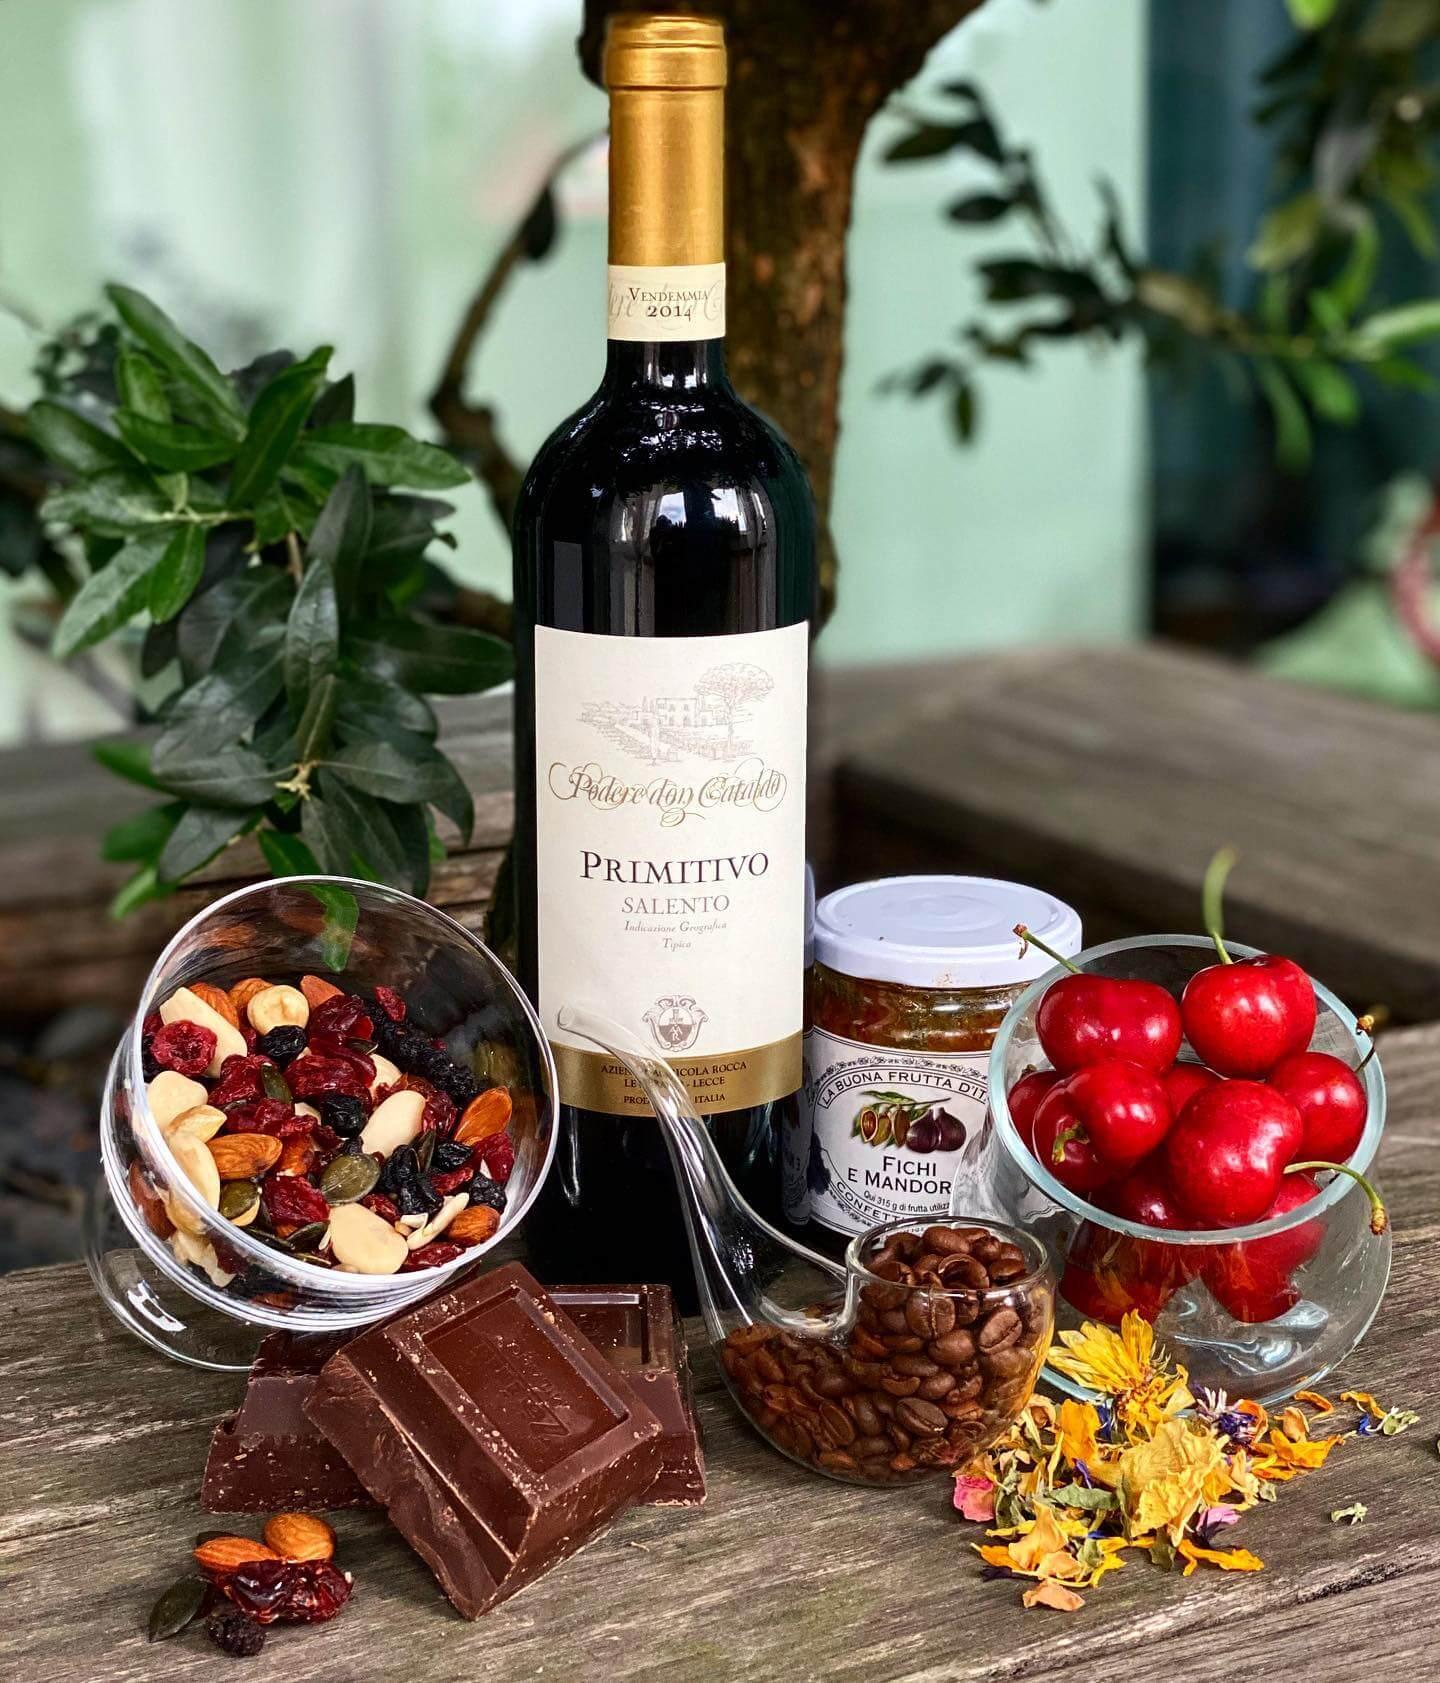 các món ăn phù hợp với rượu vang primitivo